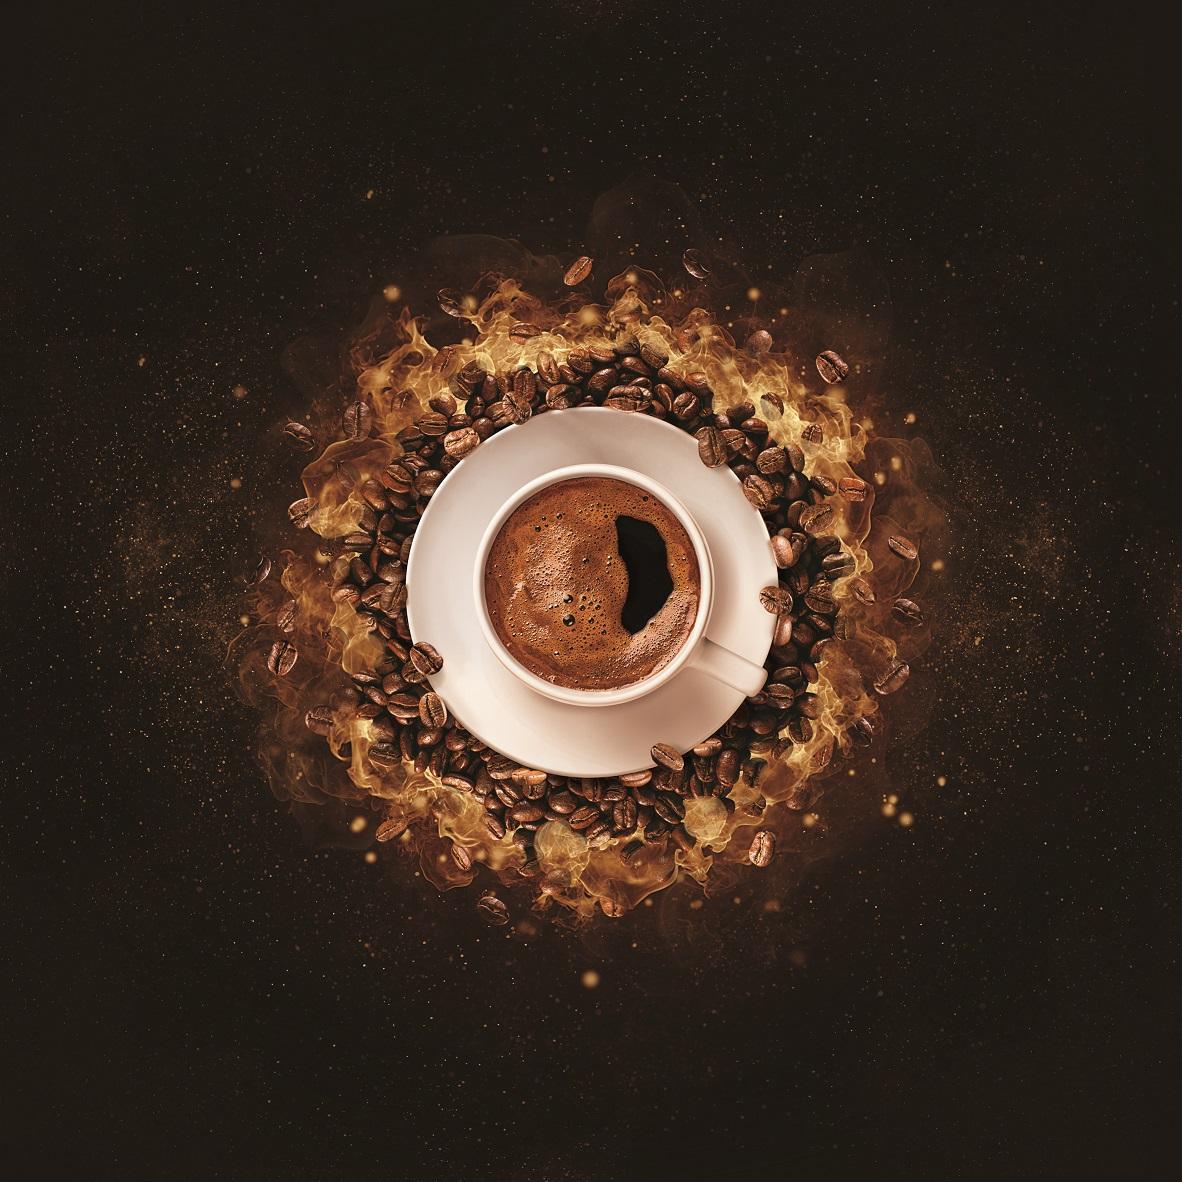 Kultura ispijanja kafe širom svijeta